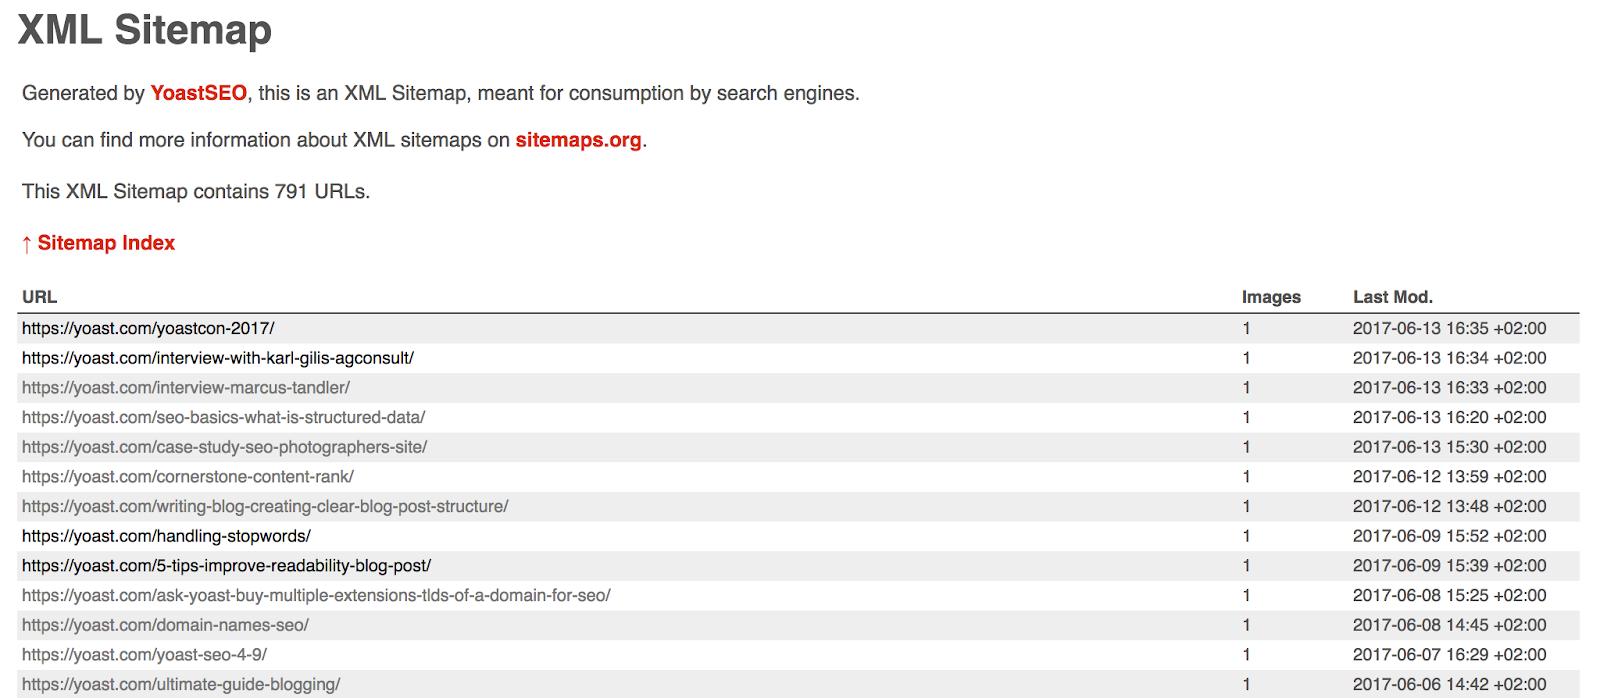 YoastSEO's XML sitemap